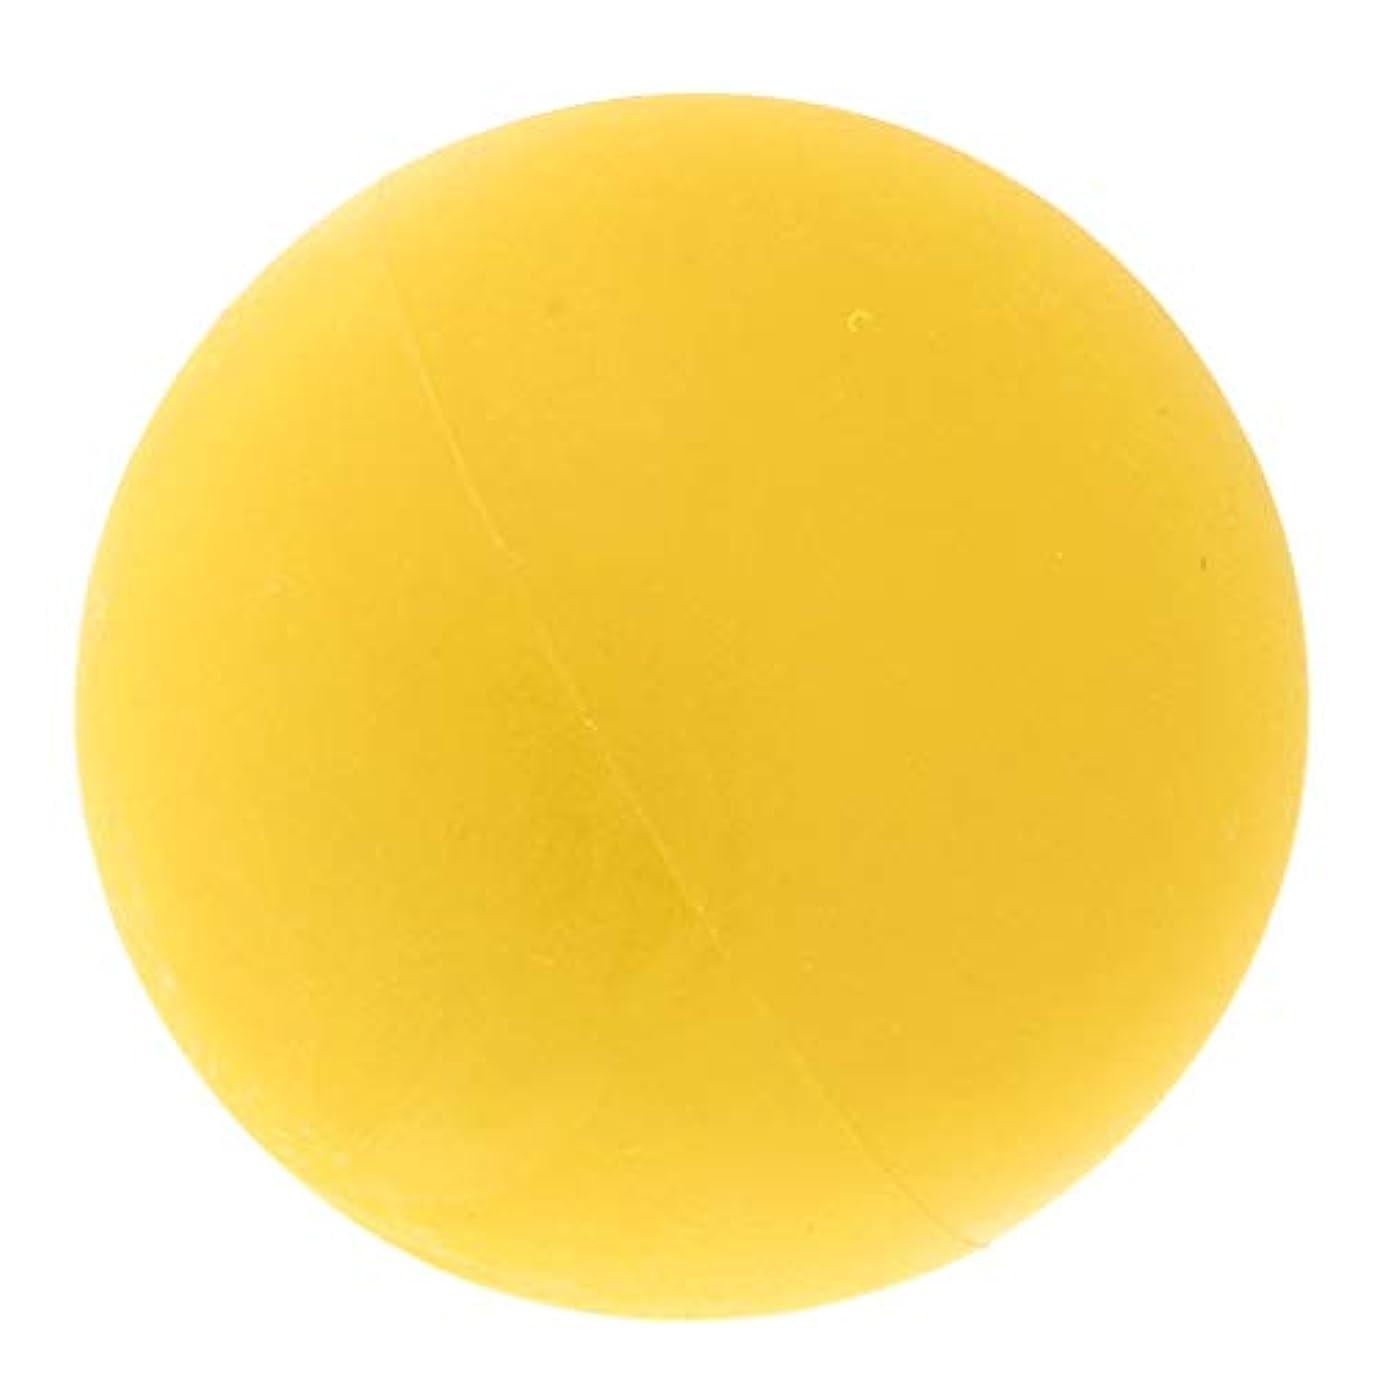 売上高トランザクションどれでもHellery マッサージボール ヨガボール トリガーポイント 筋膜リリース 緊張緩和 健康グッズ 全4色 - 黄